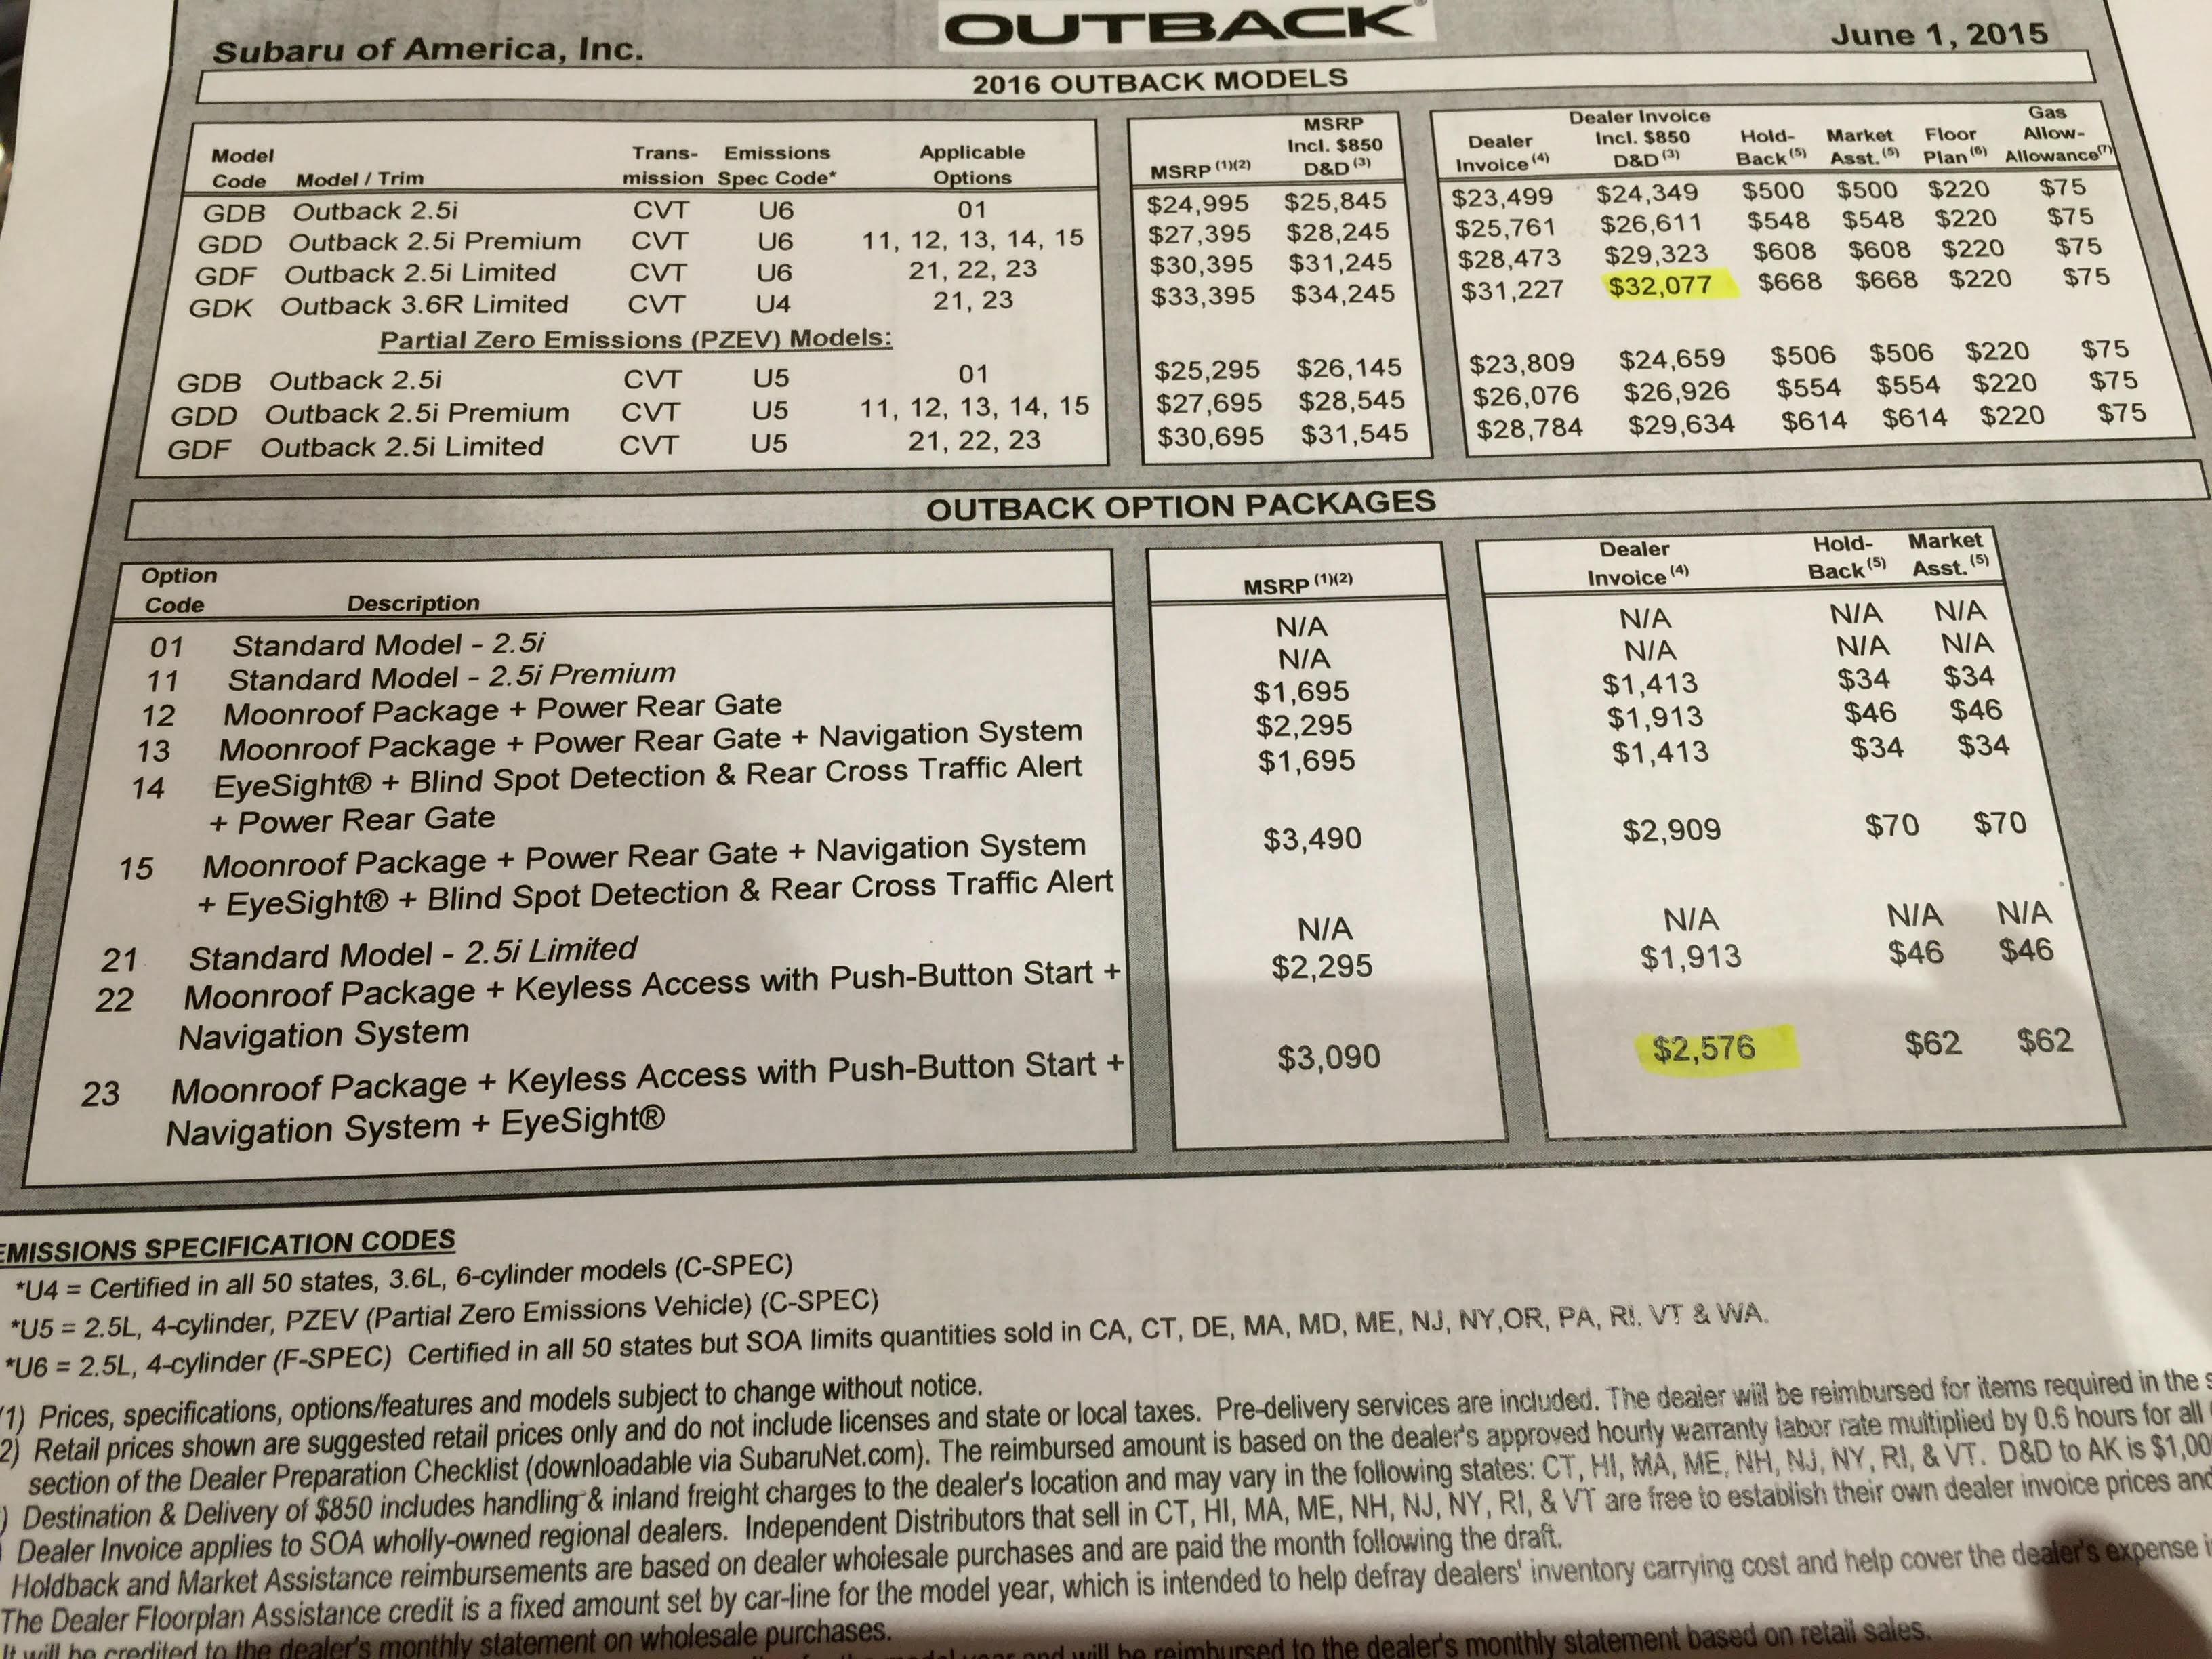 Thread Outback Orders Page Subaru Outback Subaru - Invoice price subaru outback 2018